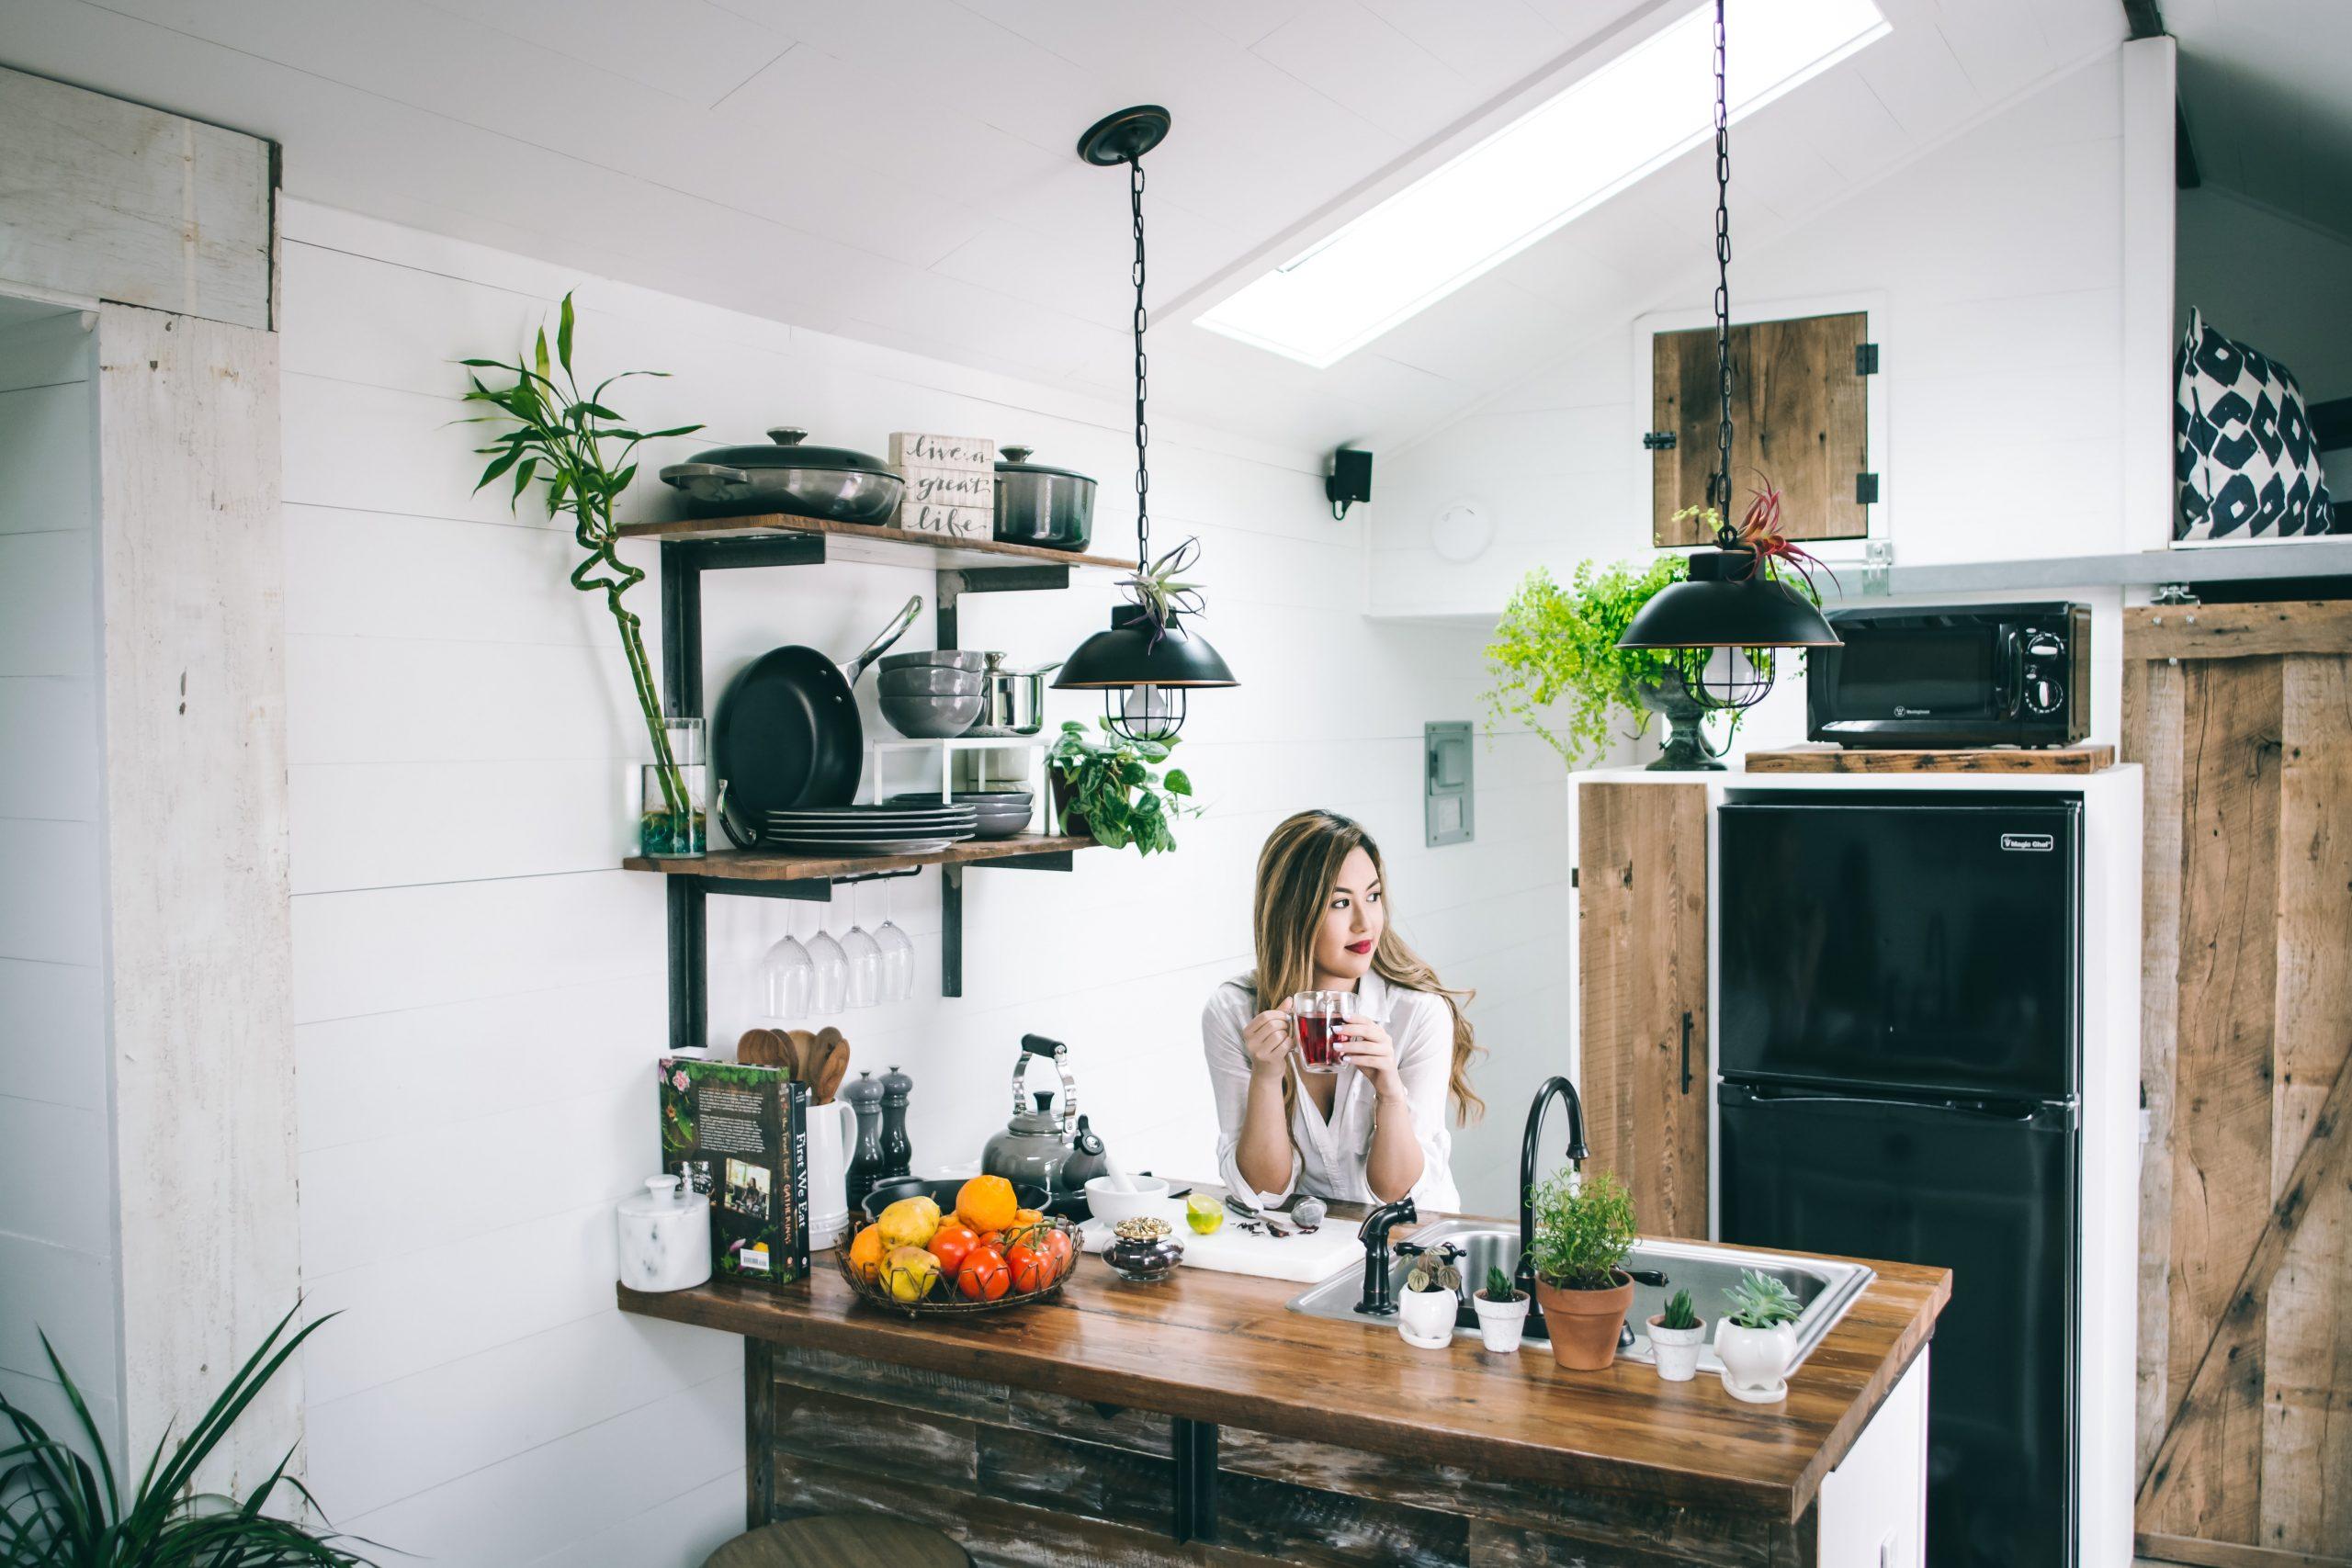 Na foto uma mulher encostada em uma bancada de cozinha segurando uma xícara na mão.